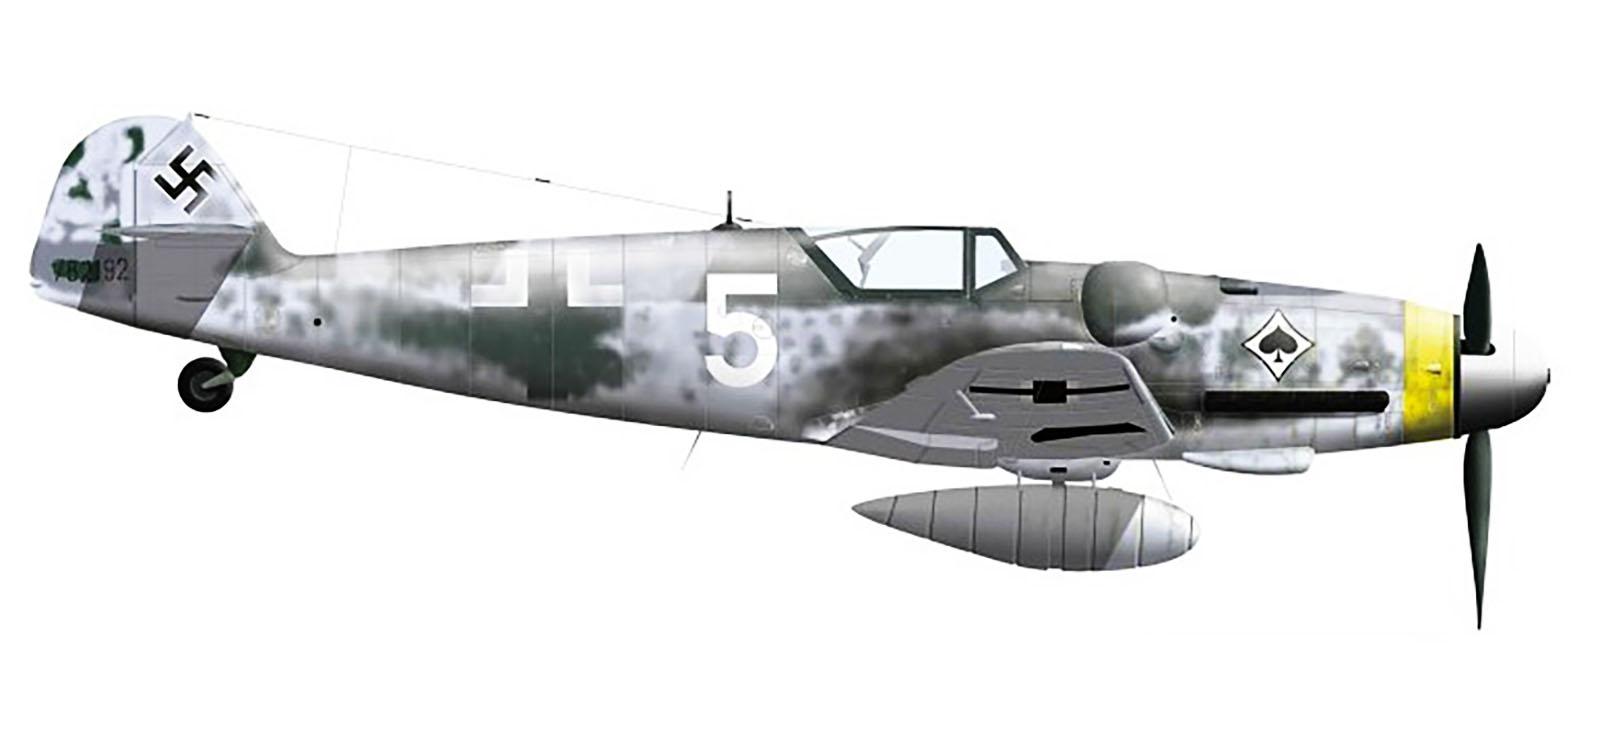 Messerschmitt_Bf_109_G14_R3_Erla_3_JG53_